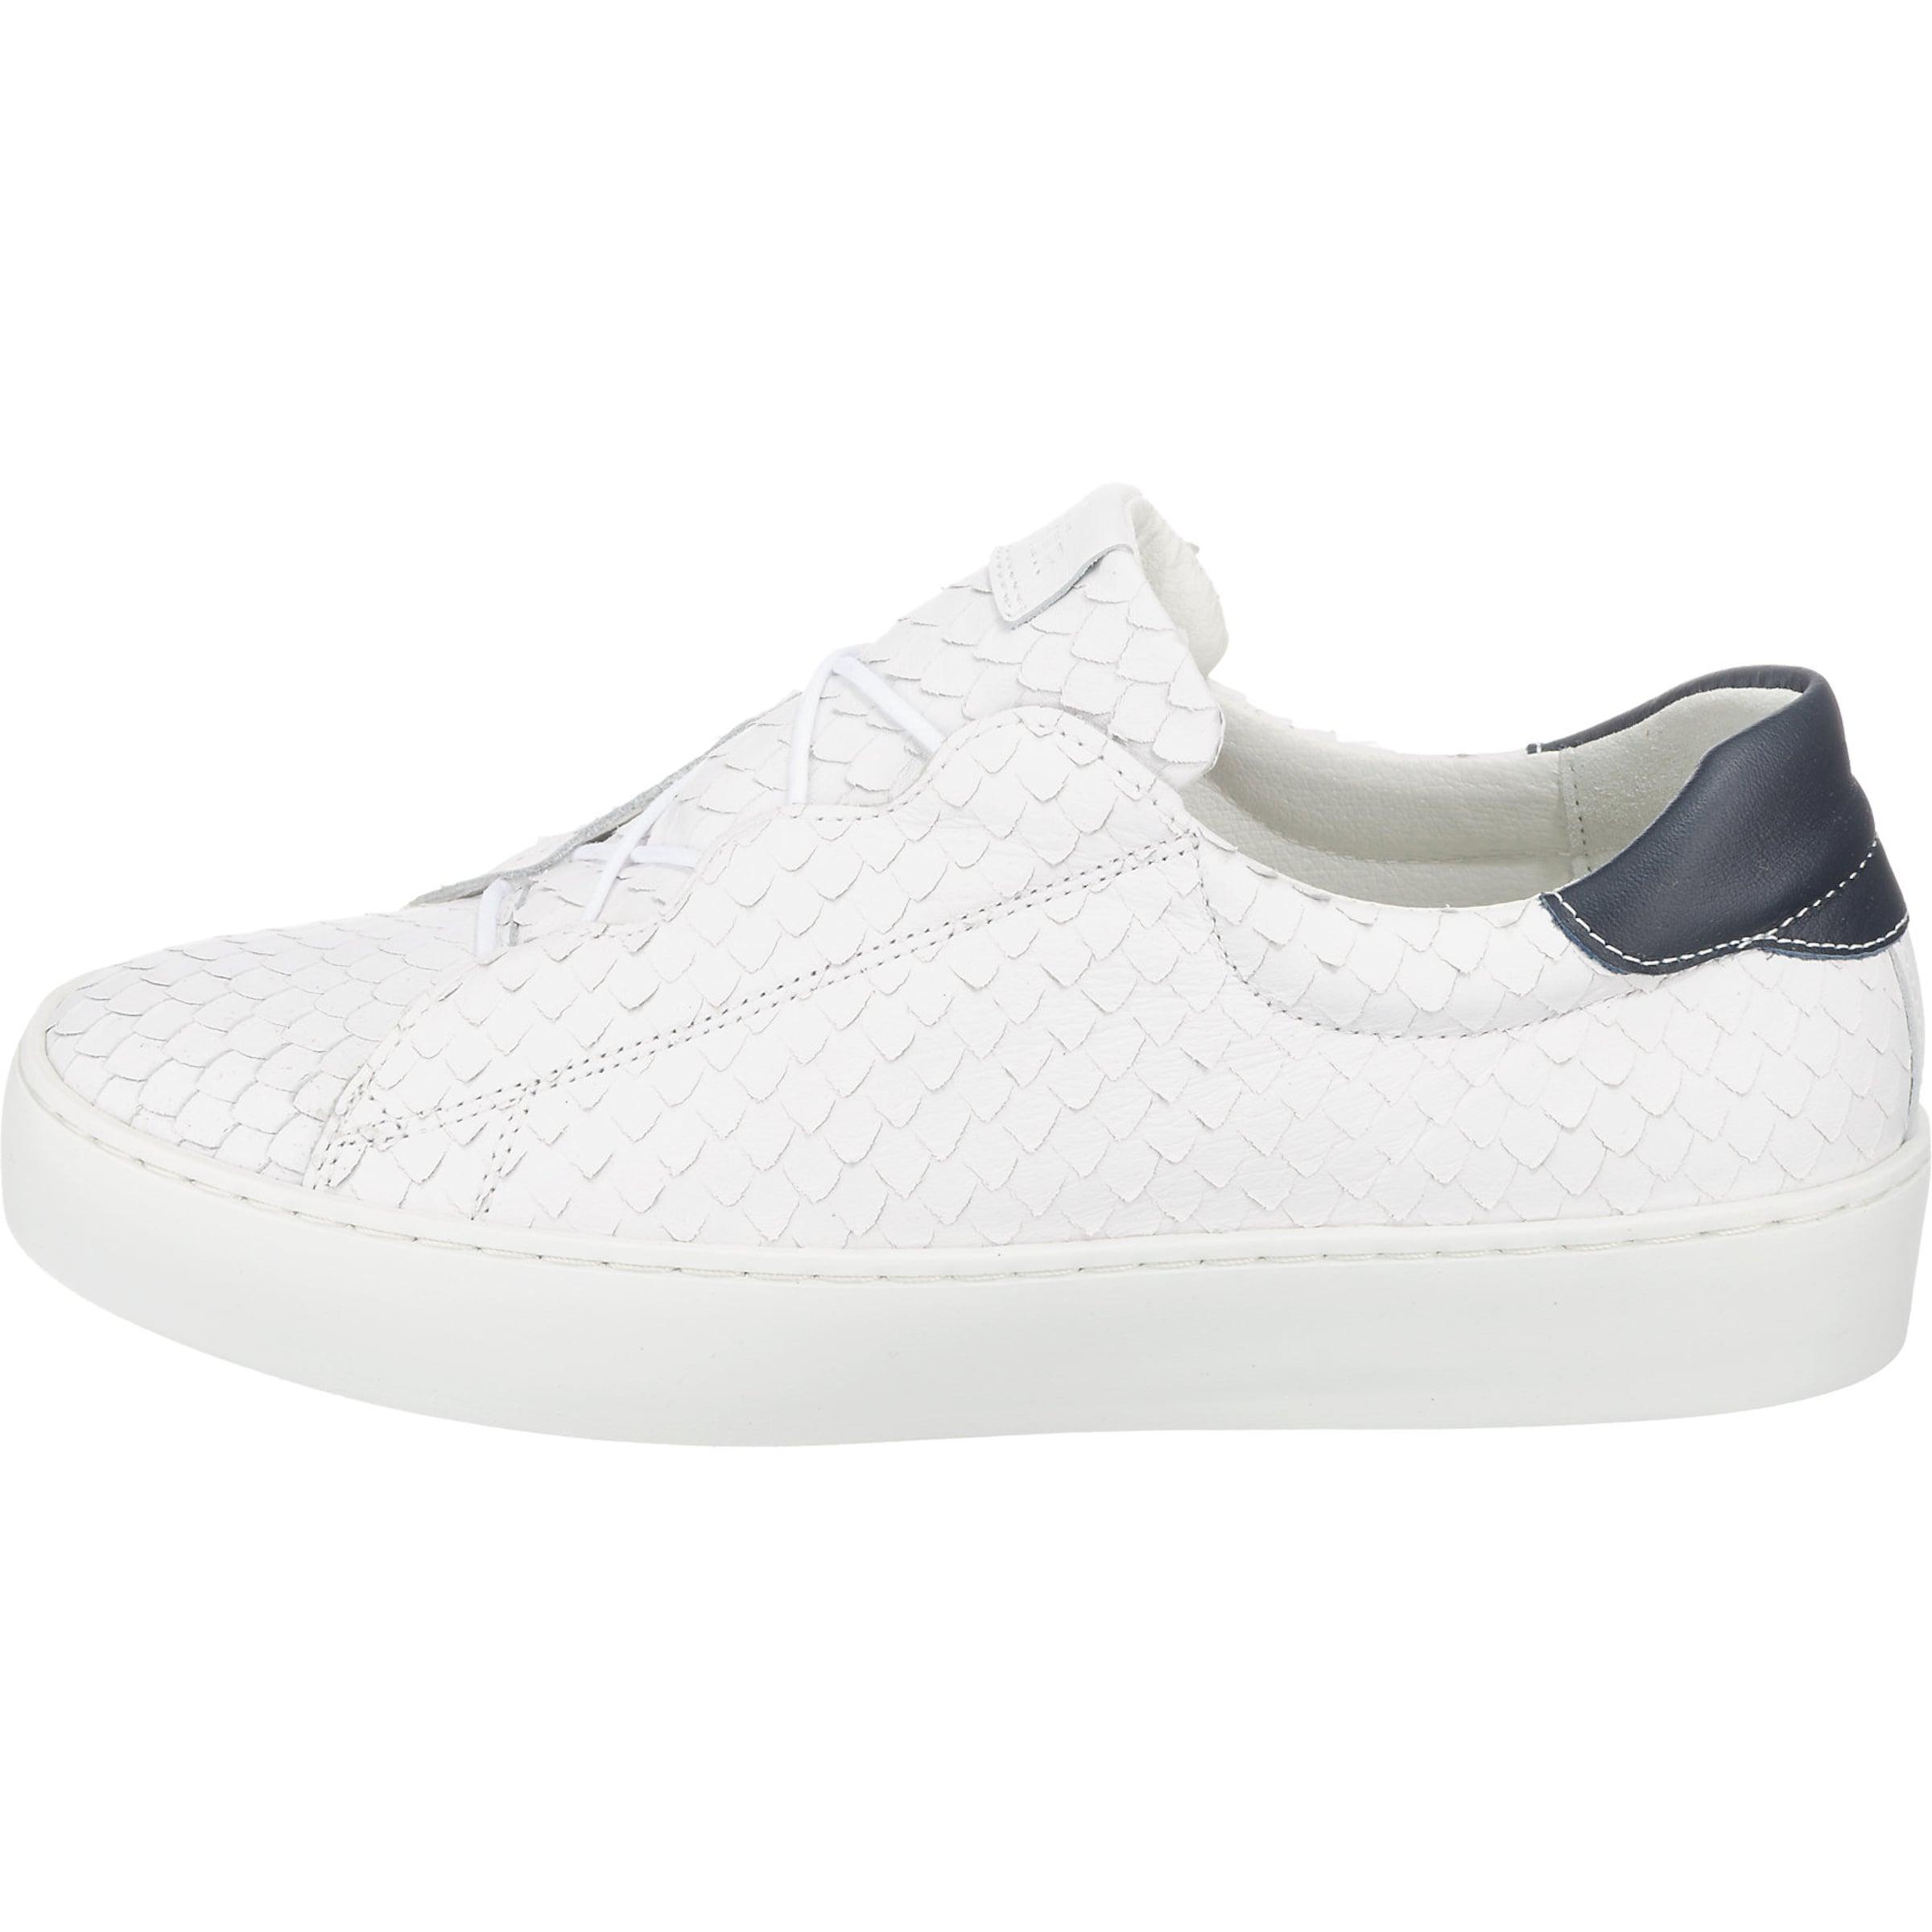 BULLBOXER Sneakers Low Gutes Verkauf Günstiger Preis Günstig Kaufen Klassisch Billig Vermarktbare Kostengünstig d0Q4r9i